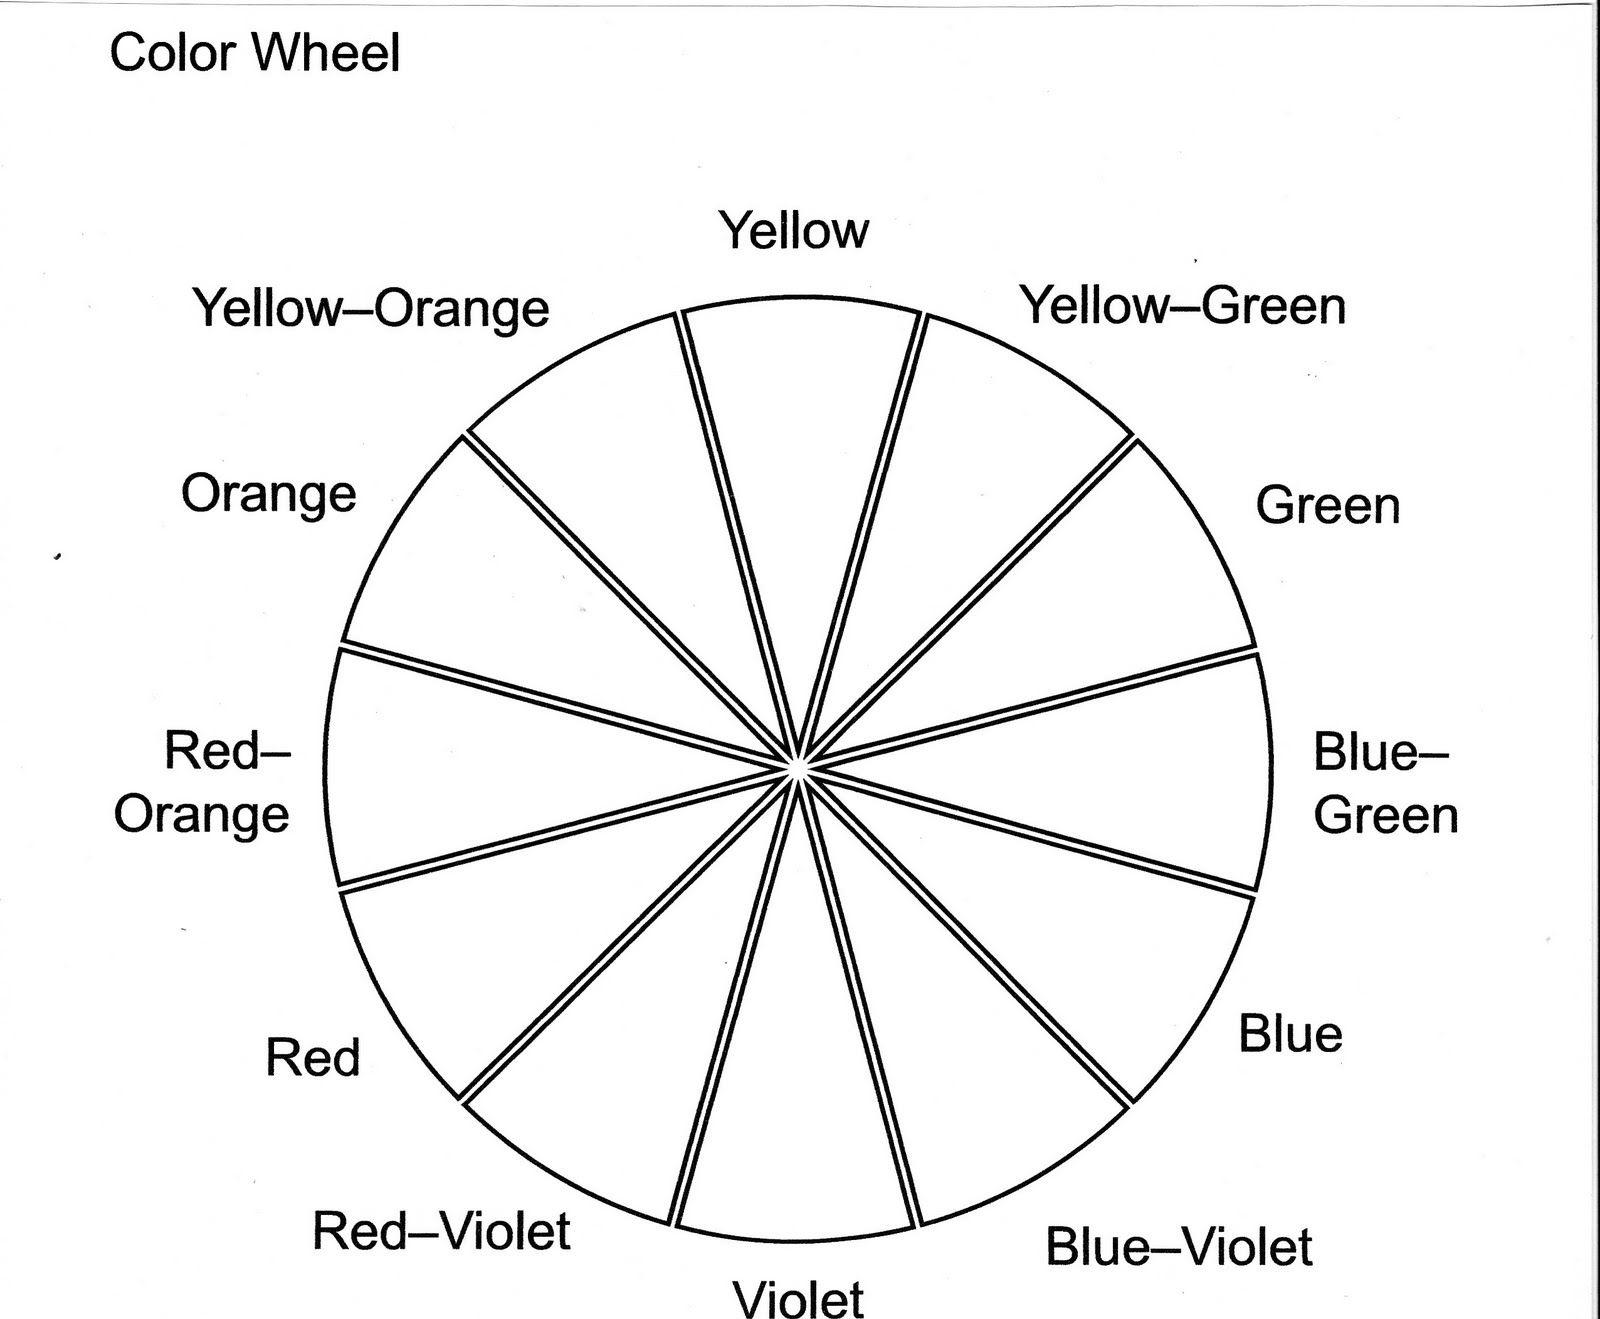 Color Wheel Worksheet Printable Color Wheel Worksheet